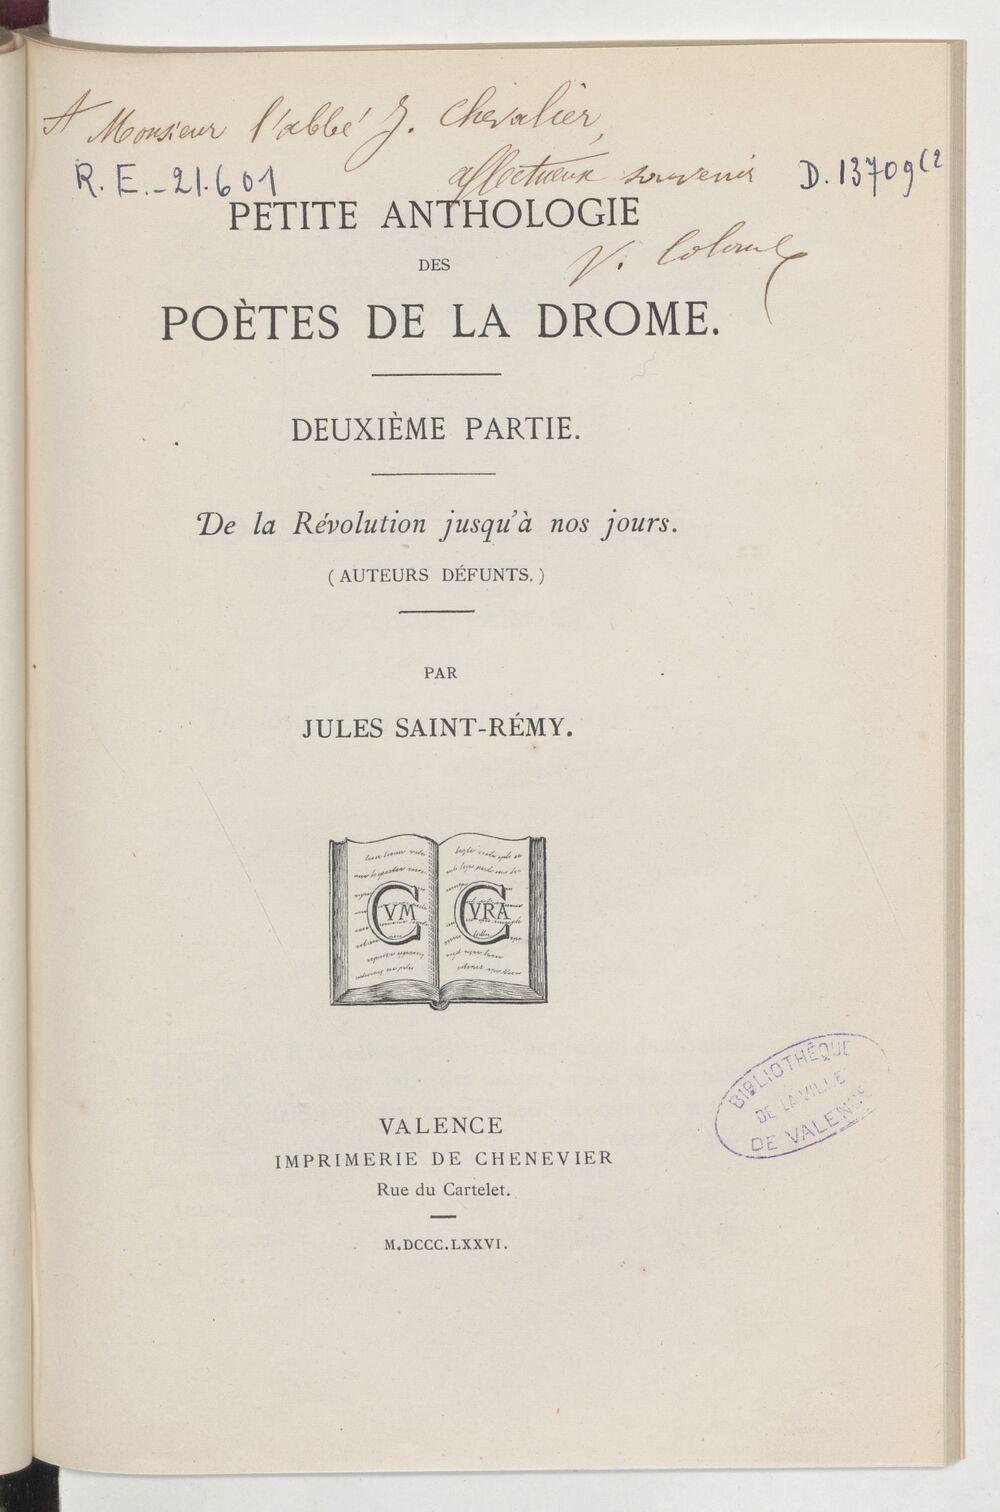 Petite anthologie des poètes de la Drôme. Deuxième partie, De la Révolution jusqu'à nos jours (auteurs défunts) / par Jules Saint -Rémy